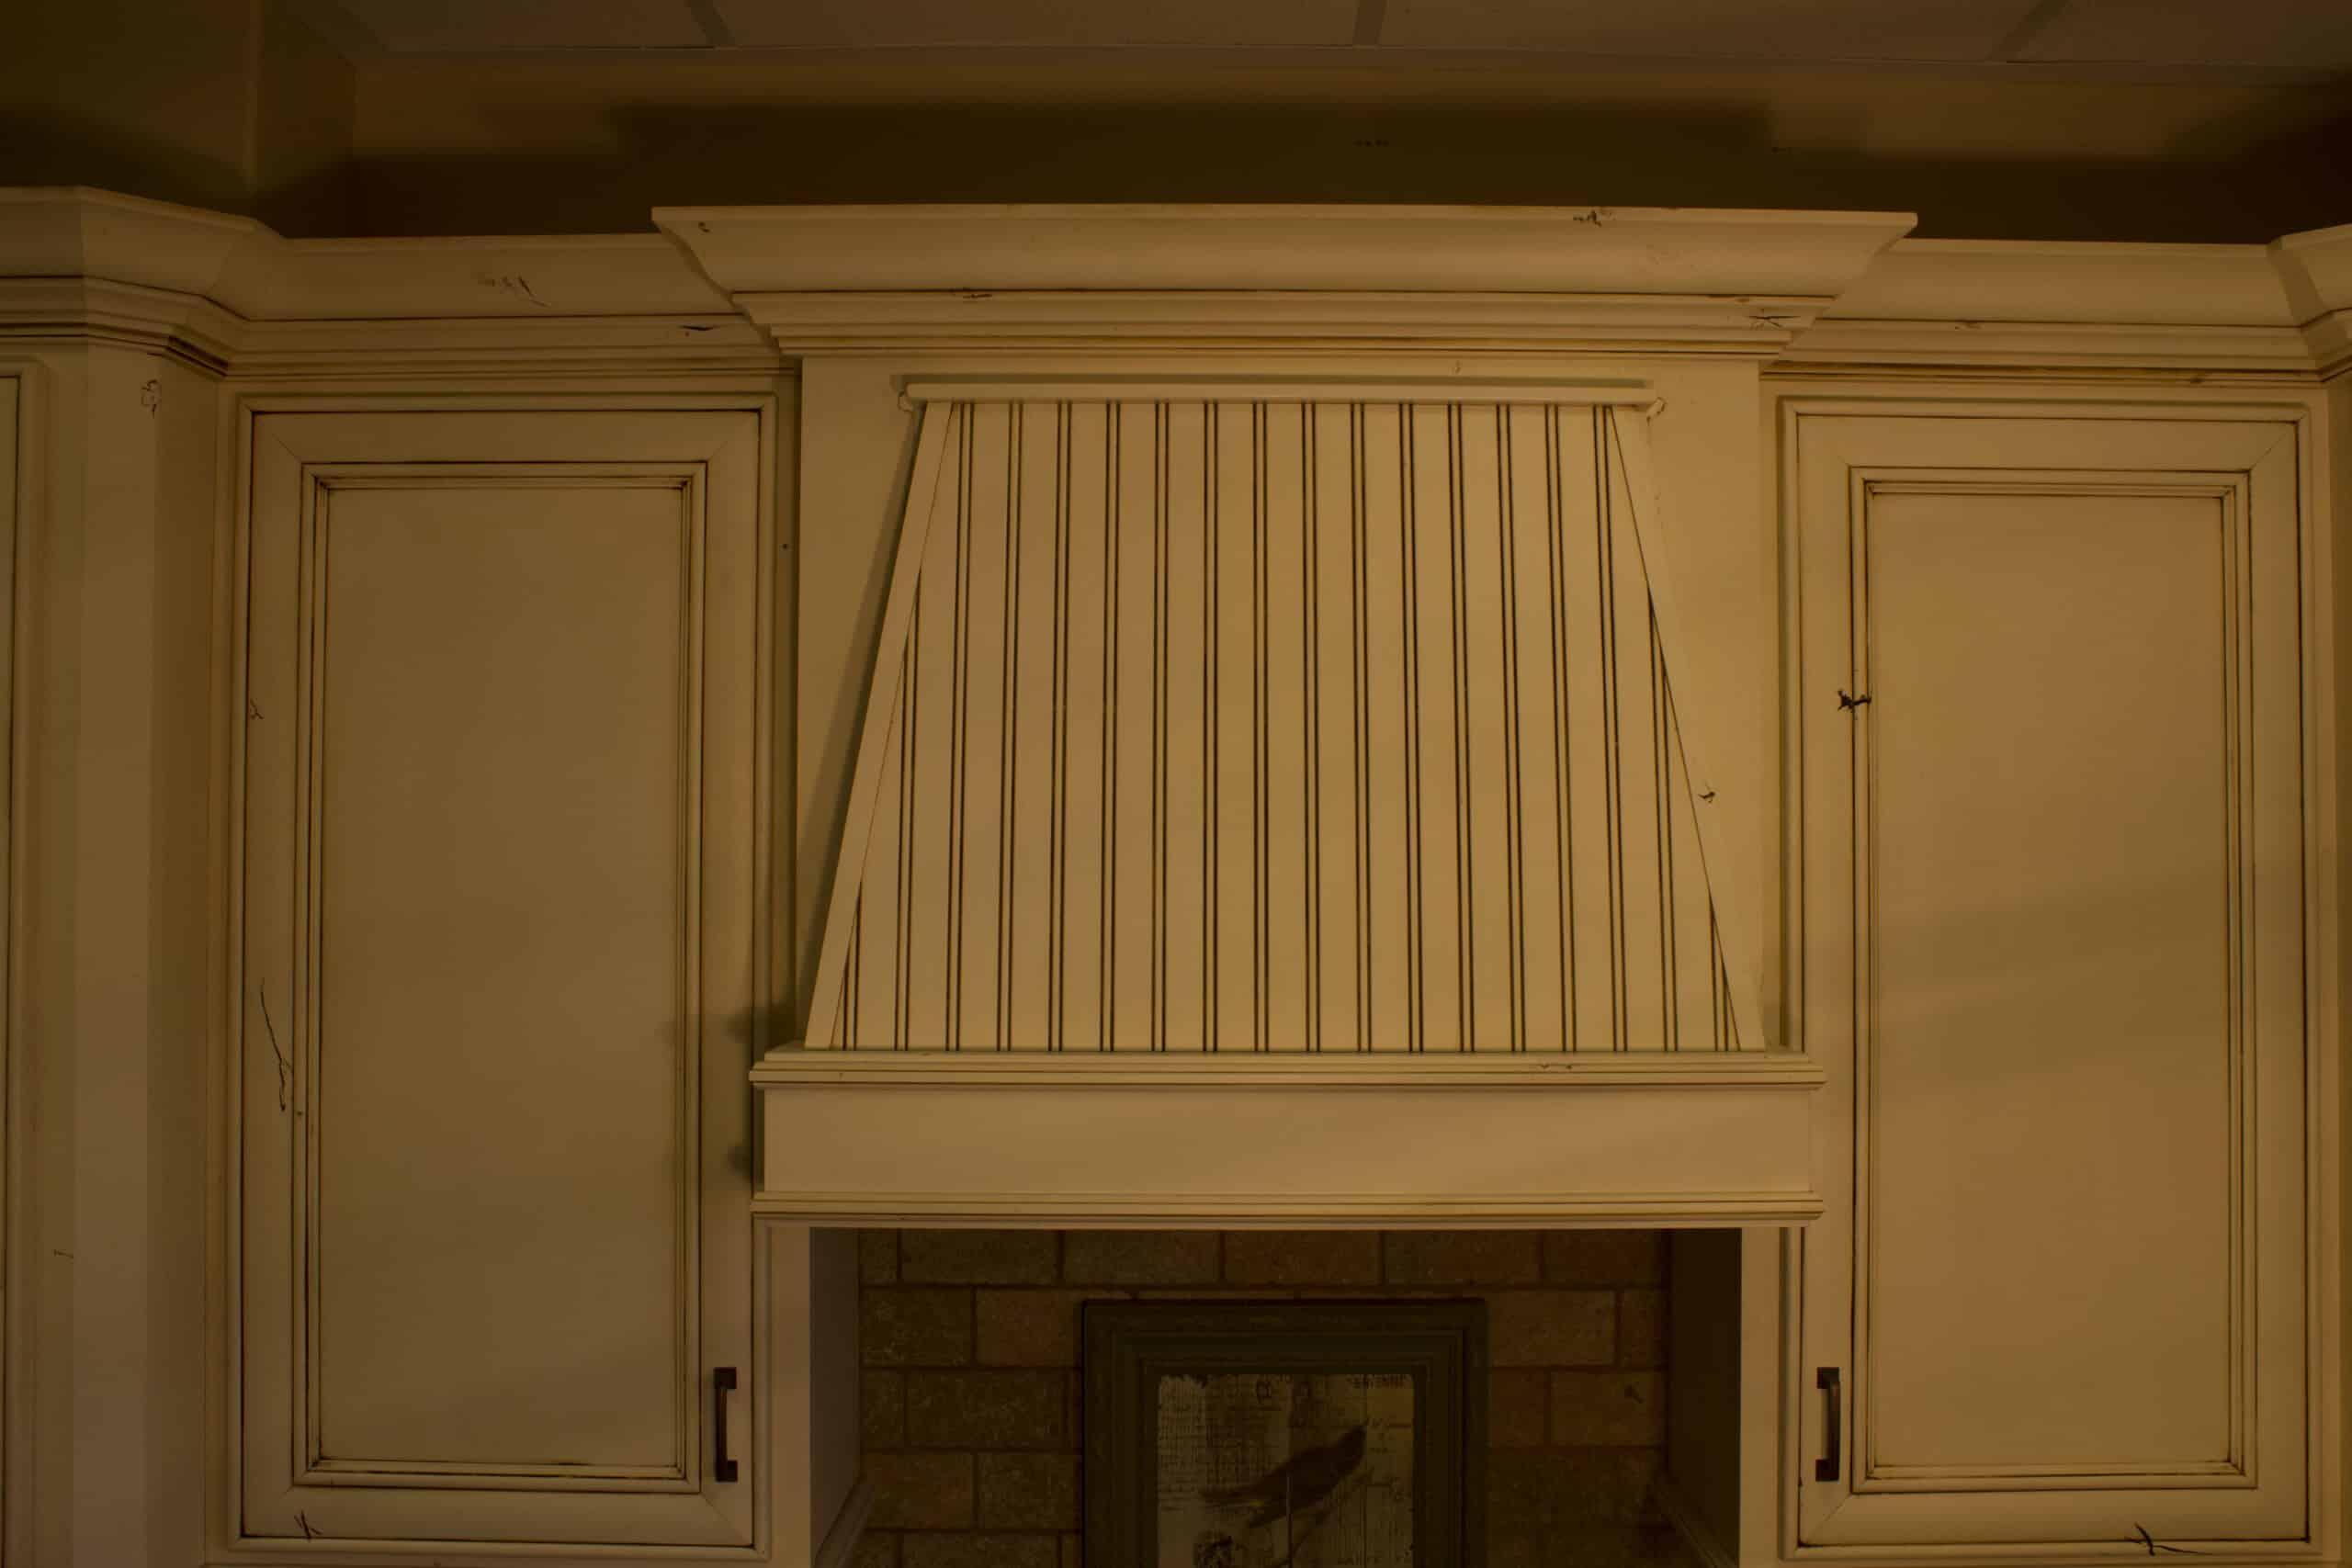 Best Kitchen Gallery: Decorative Vent Hood Home Decor Wisestories Us of Beadboard Kitchen Hoods on rachelxblog.com